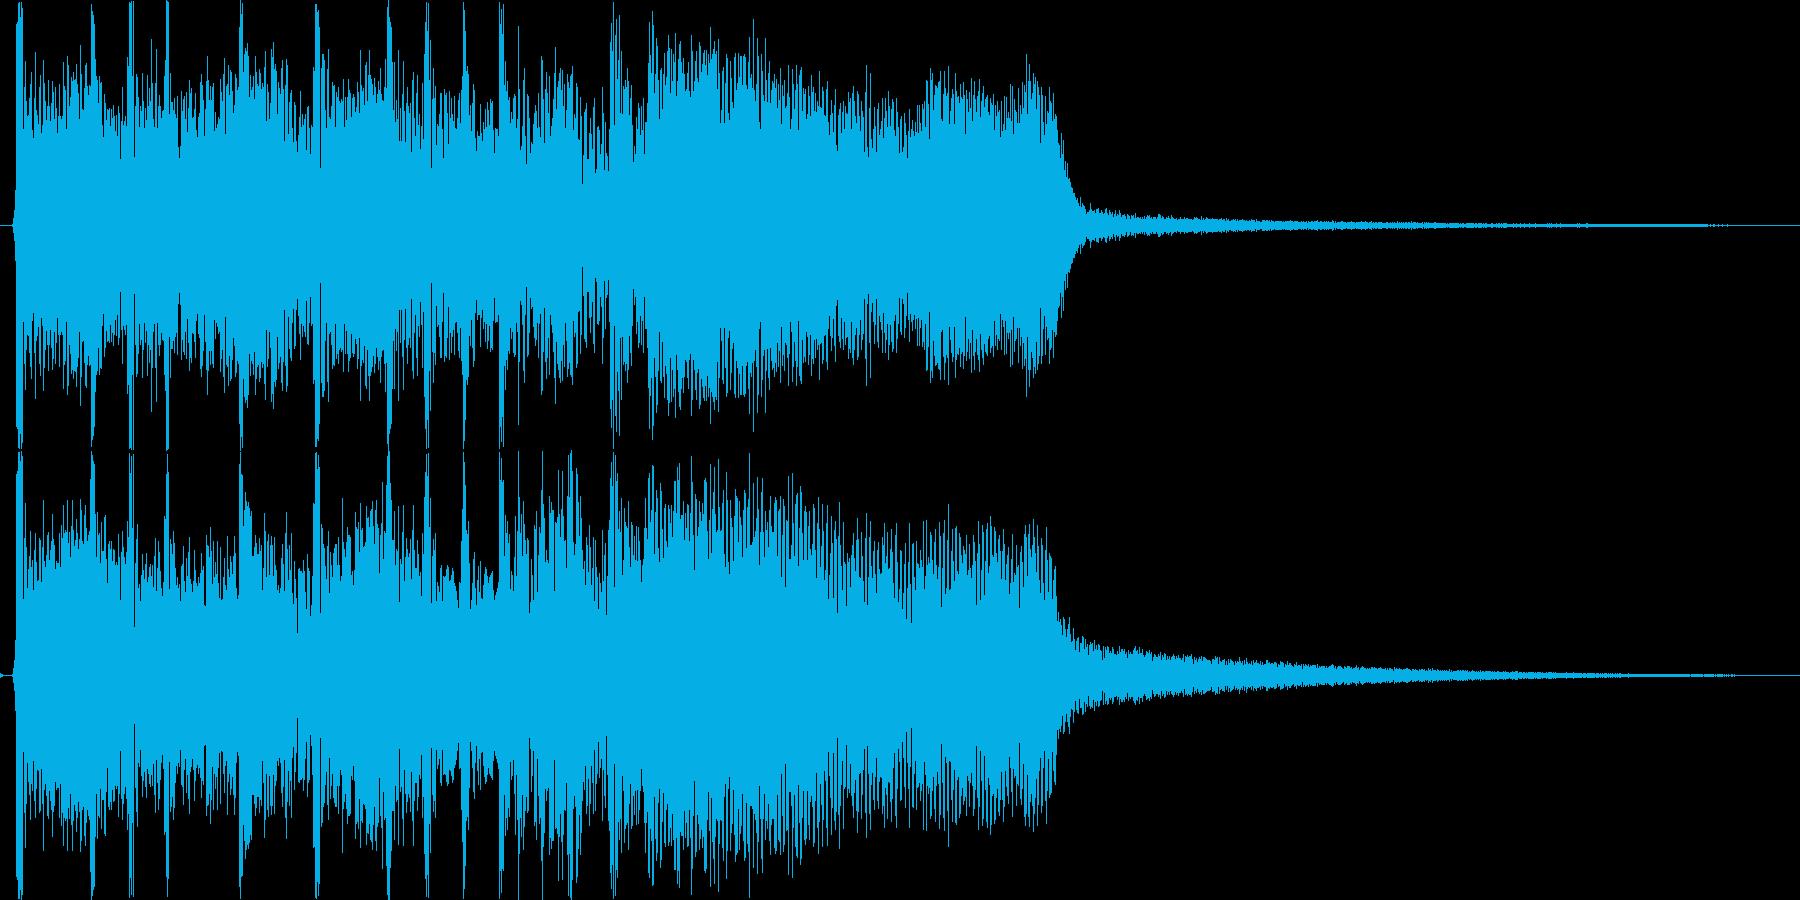 ファンファーレ・ステージクリアの再生済みの波形